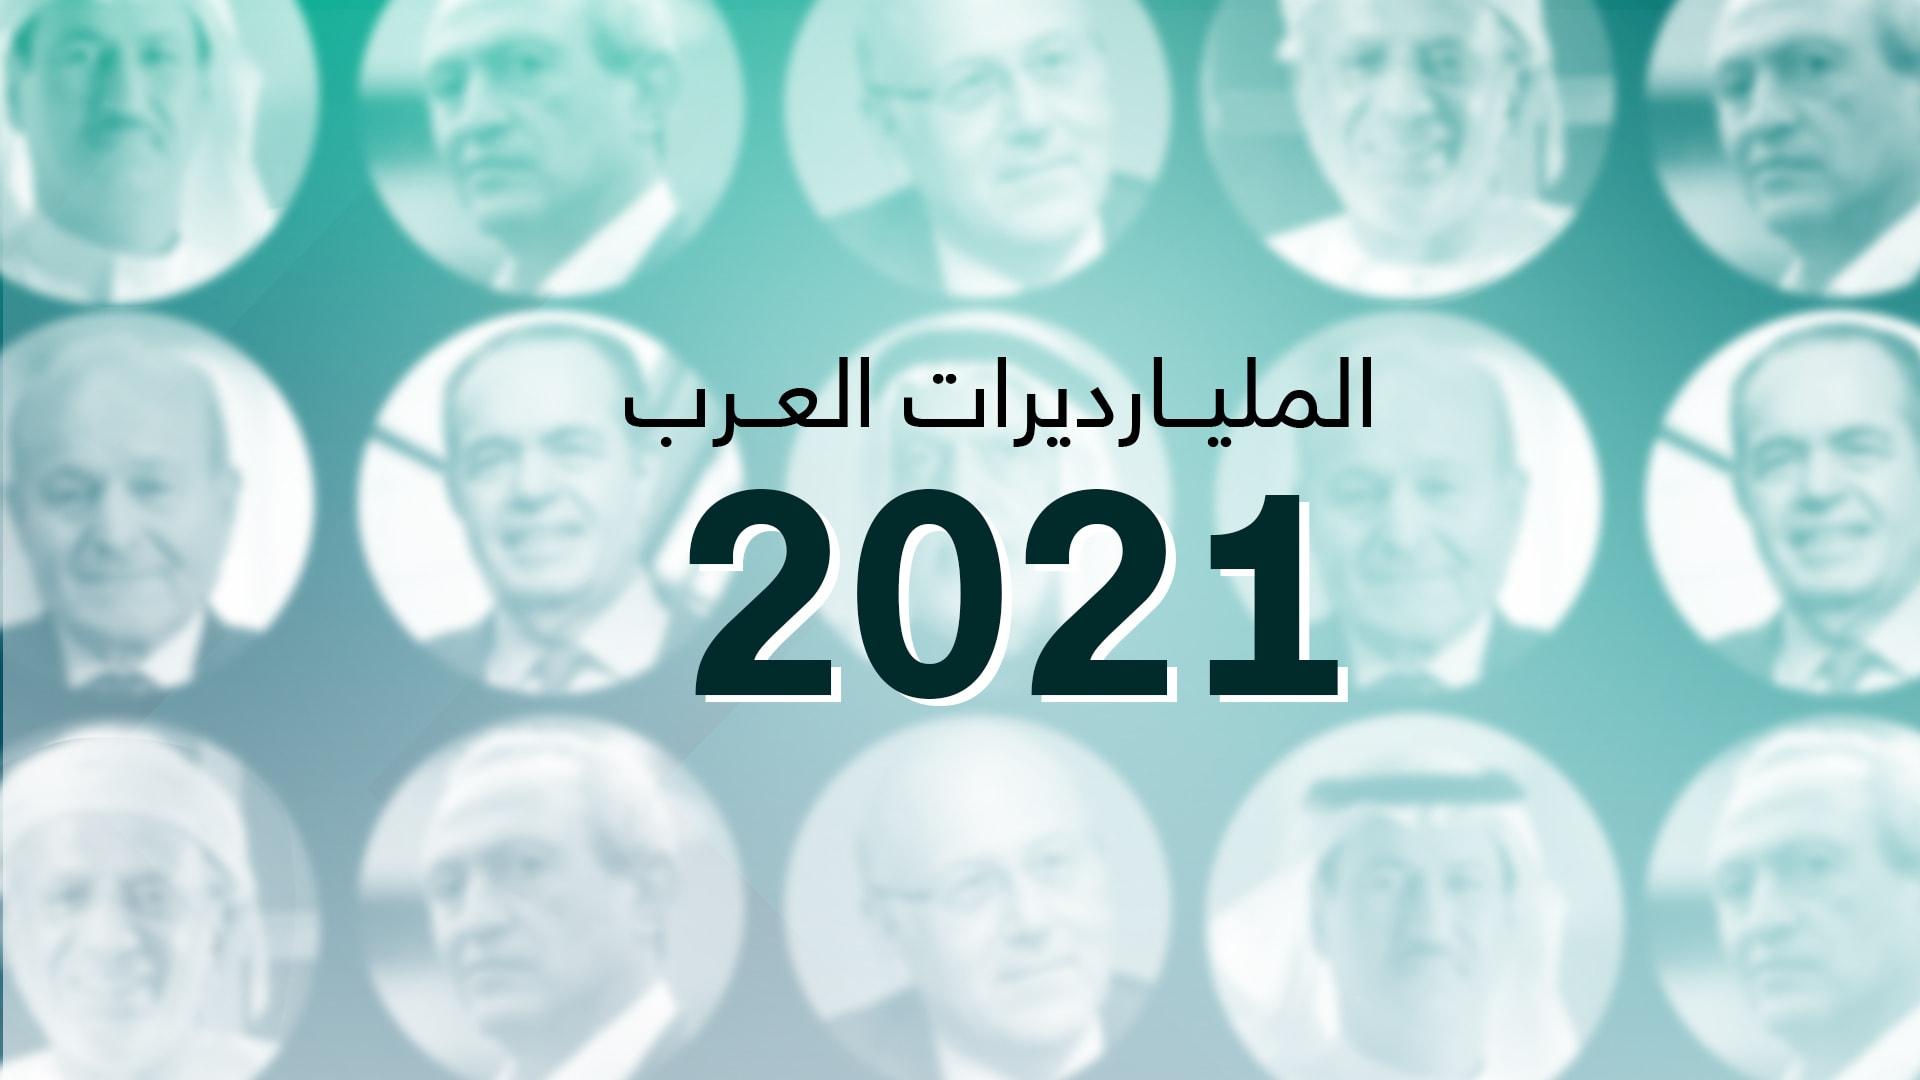 مصري في الصدارة.. هؤلاء هم أثرياء العرب للعام 2021